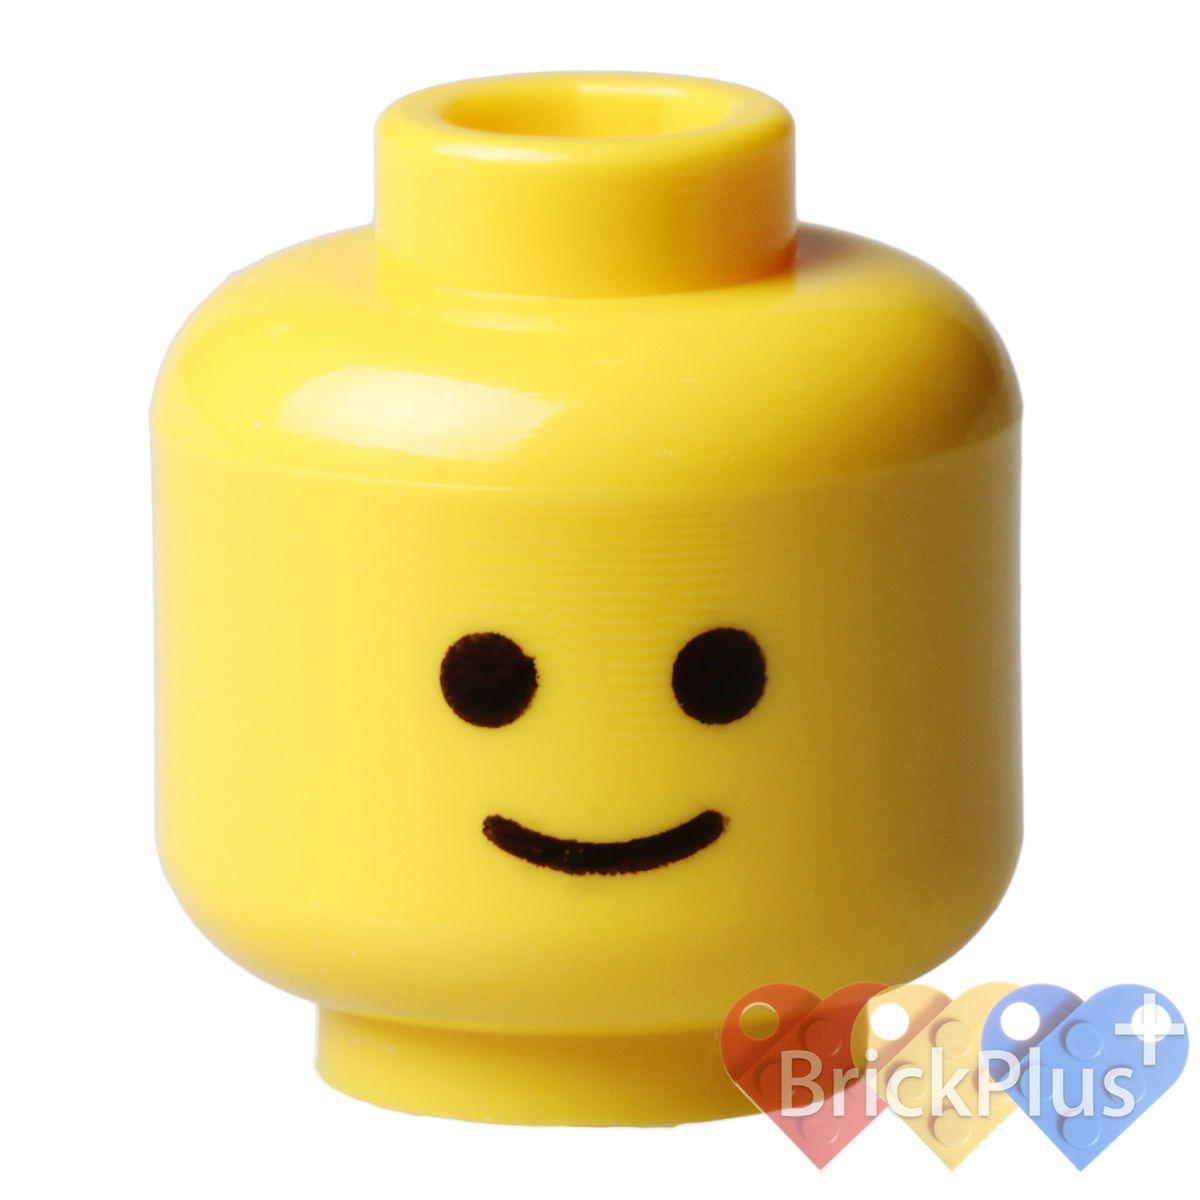 Star Wars//Batman NEW Lego DARK TAN MINIFIGURE HEAD Plain//Blank Minifig Head